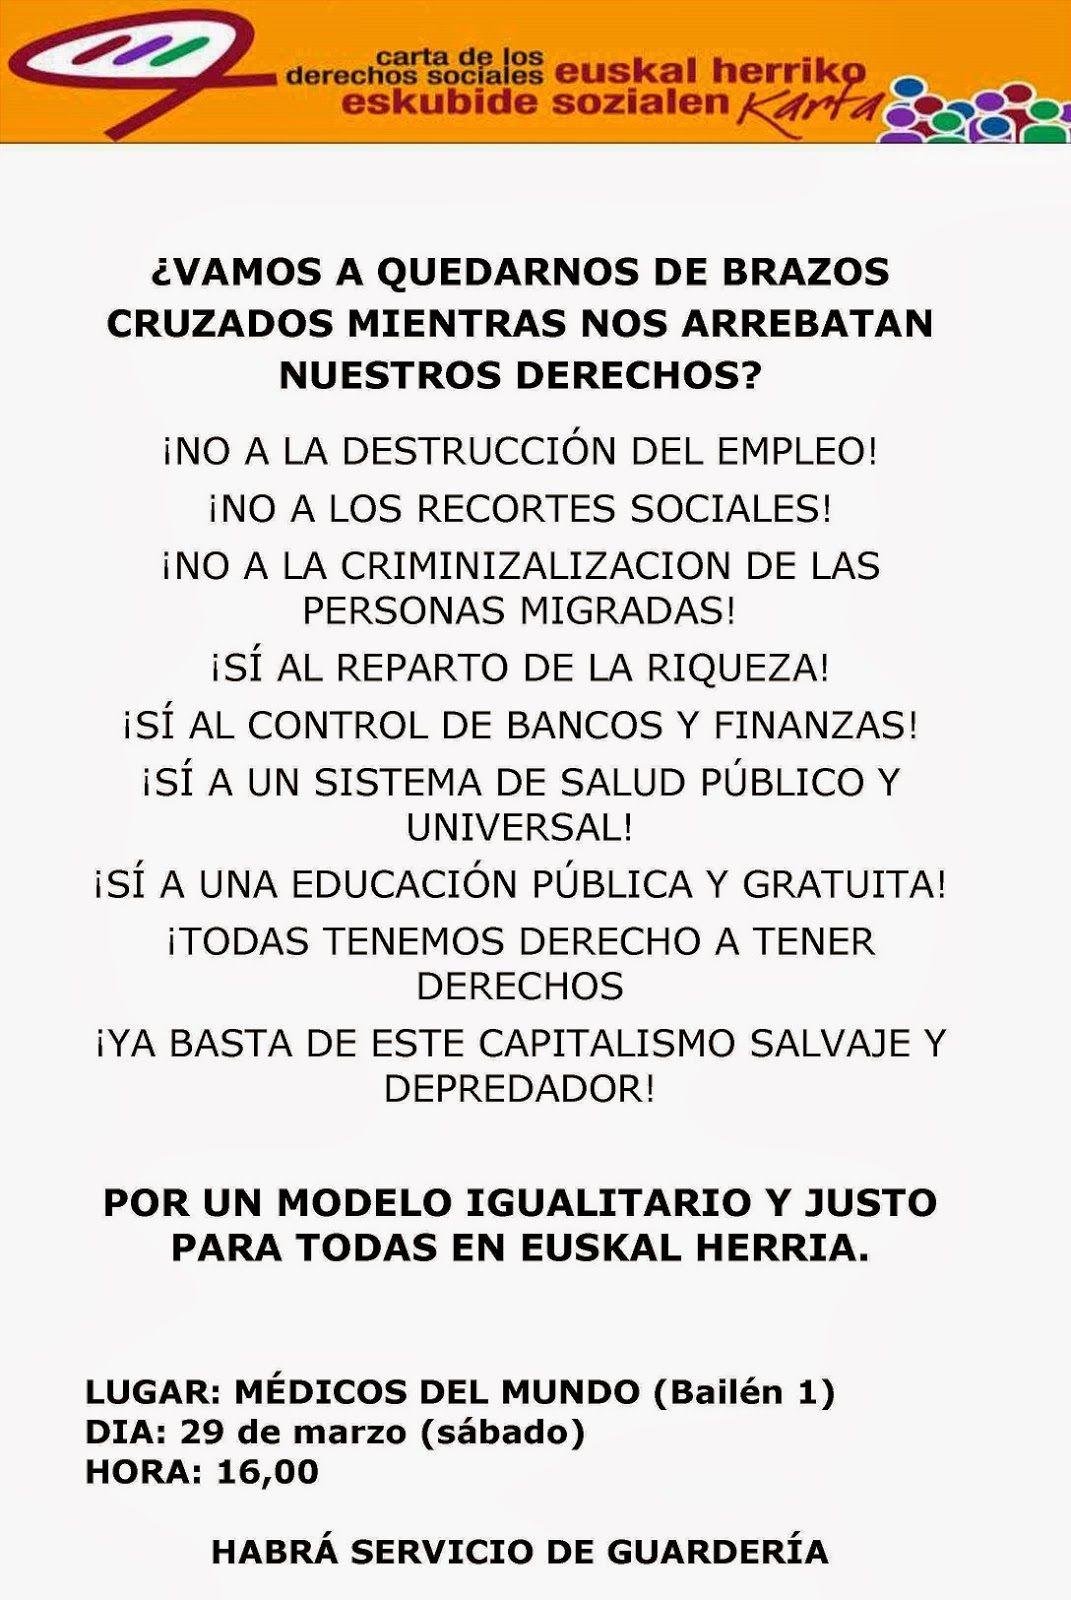 Encuentro: Carta Derechos Sociales Euskal Herria (Migrantes): http://ecuadoretxea.blogspot.com.es/2014/03/encuentro-carta-derechos-sociales.html